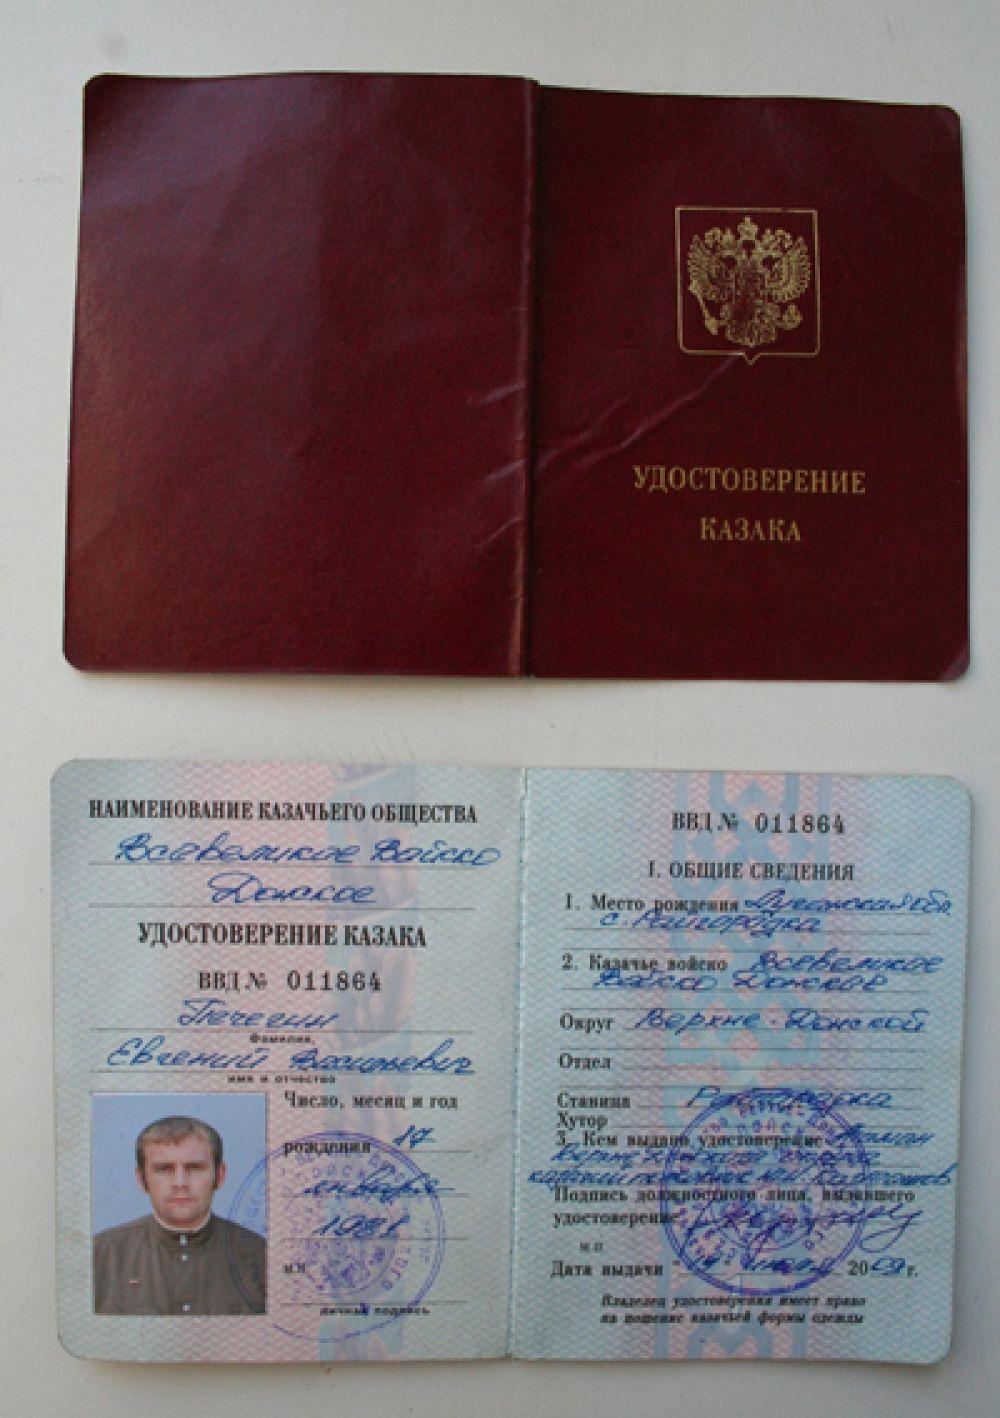 Удостоверение донского казака